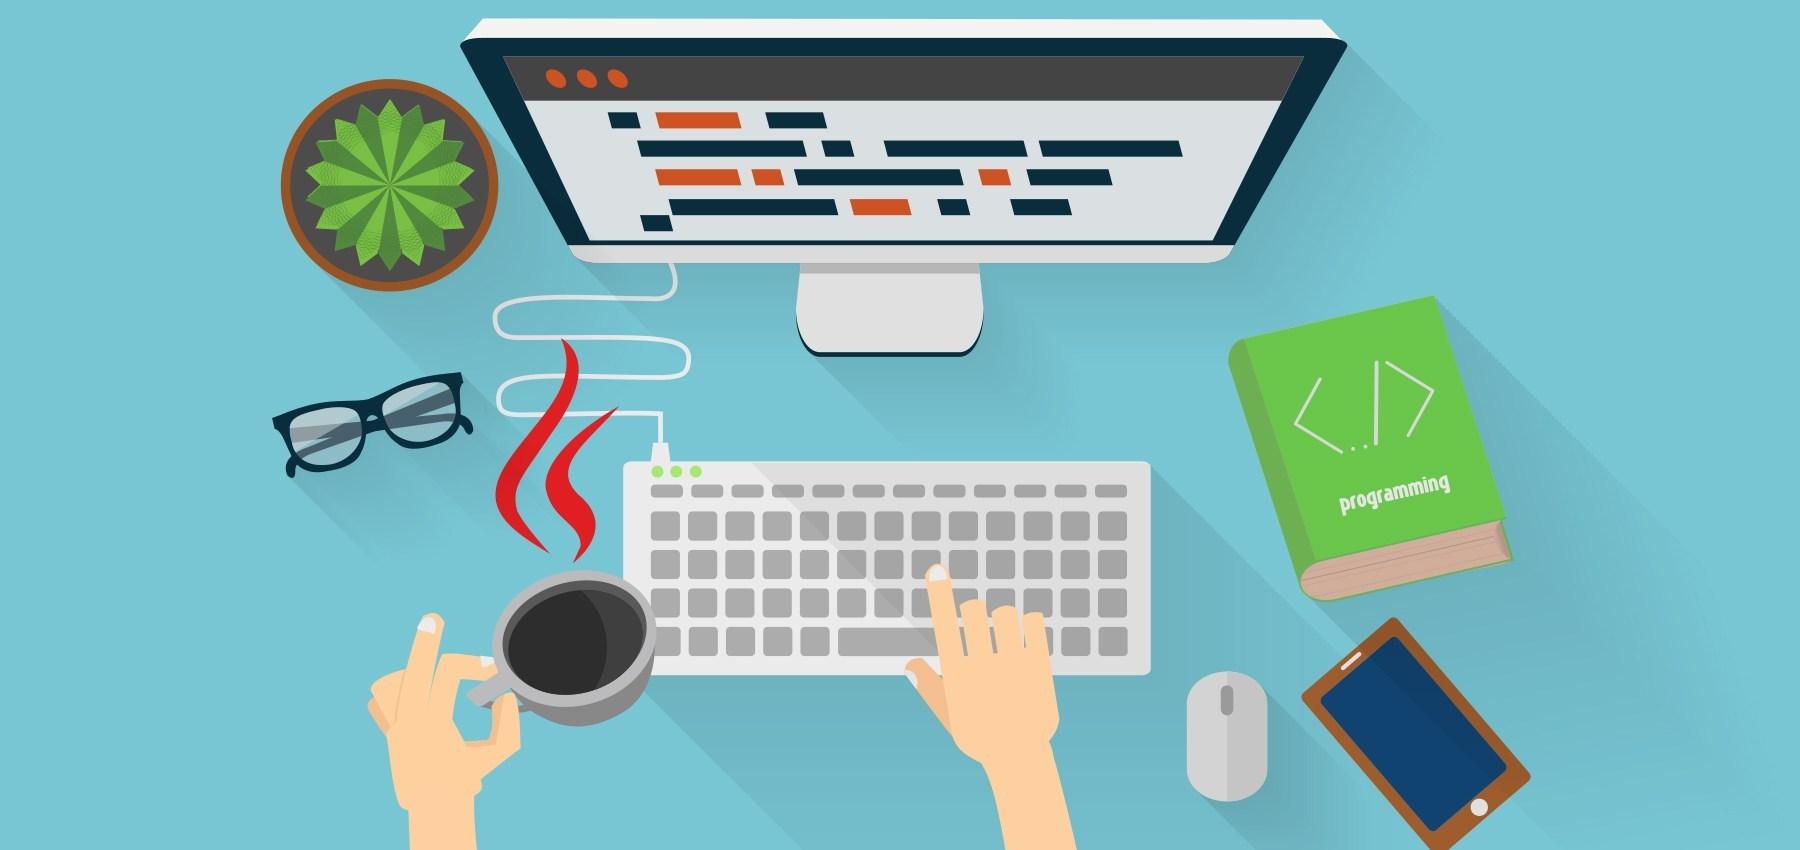 چرا طراحان و توسعهدهندگان وب باید همکاری کنند؟